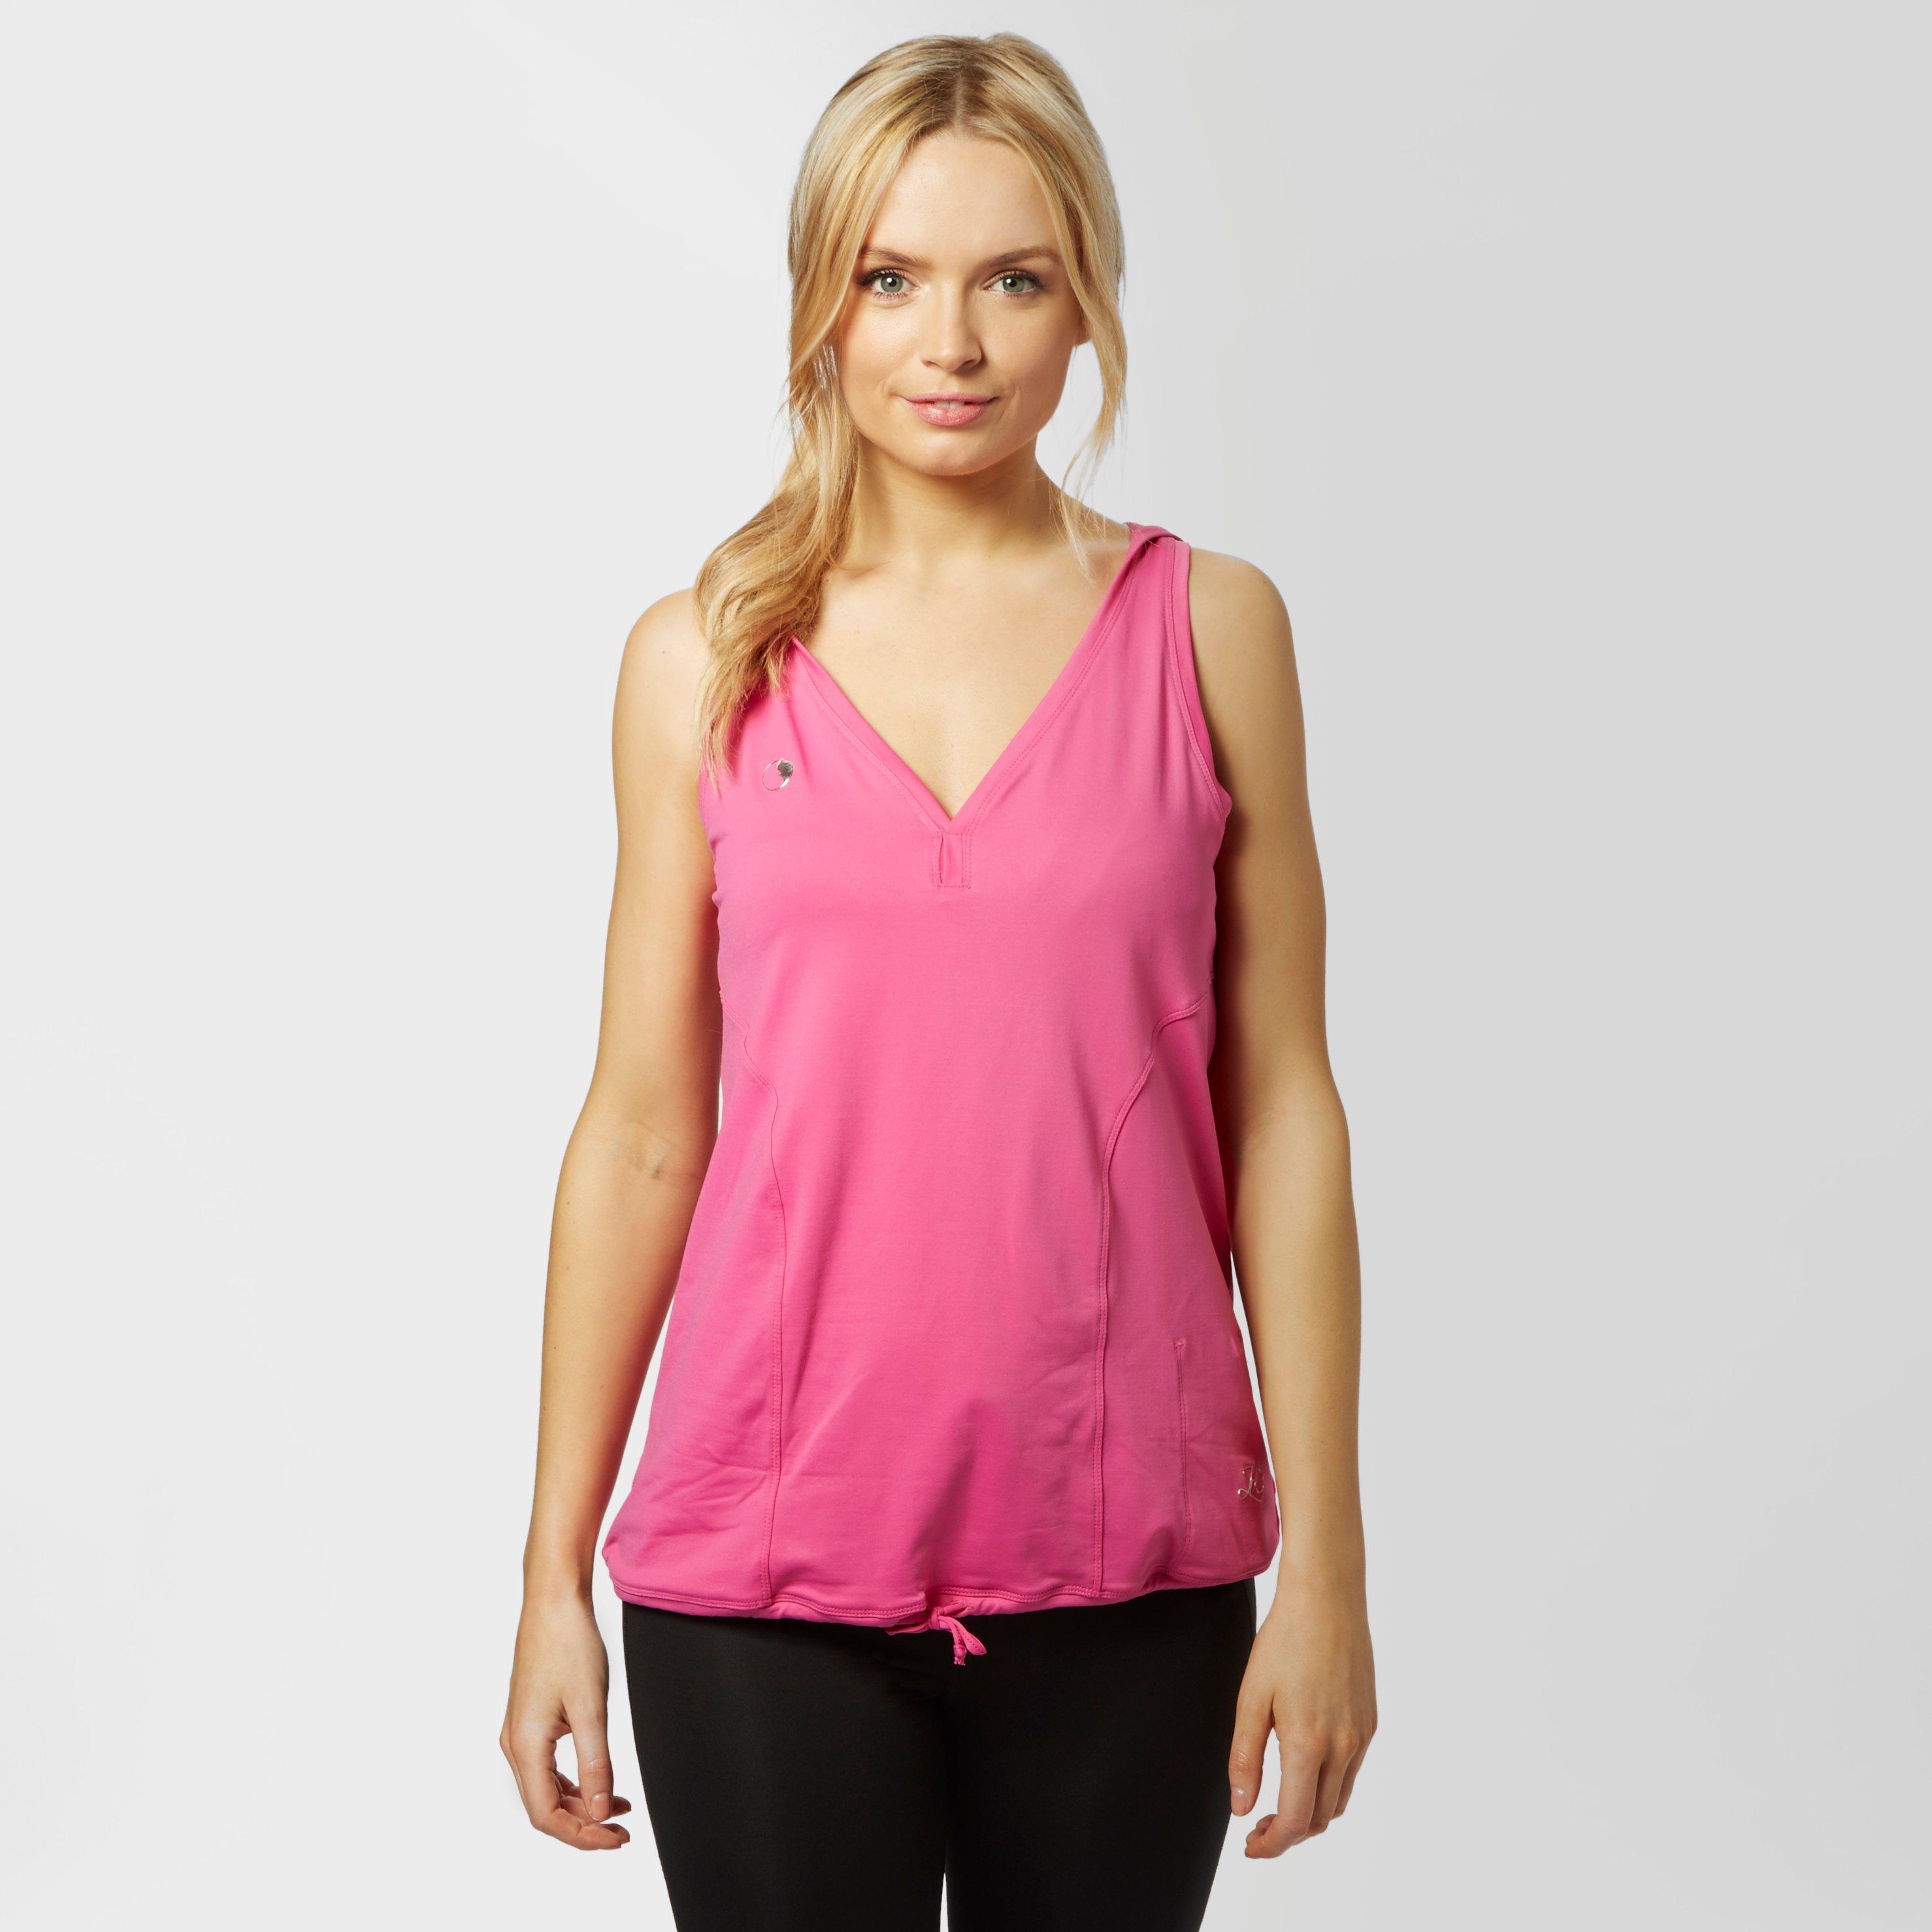 Zoca Women's Loose Fit Running Vest, Pink